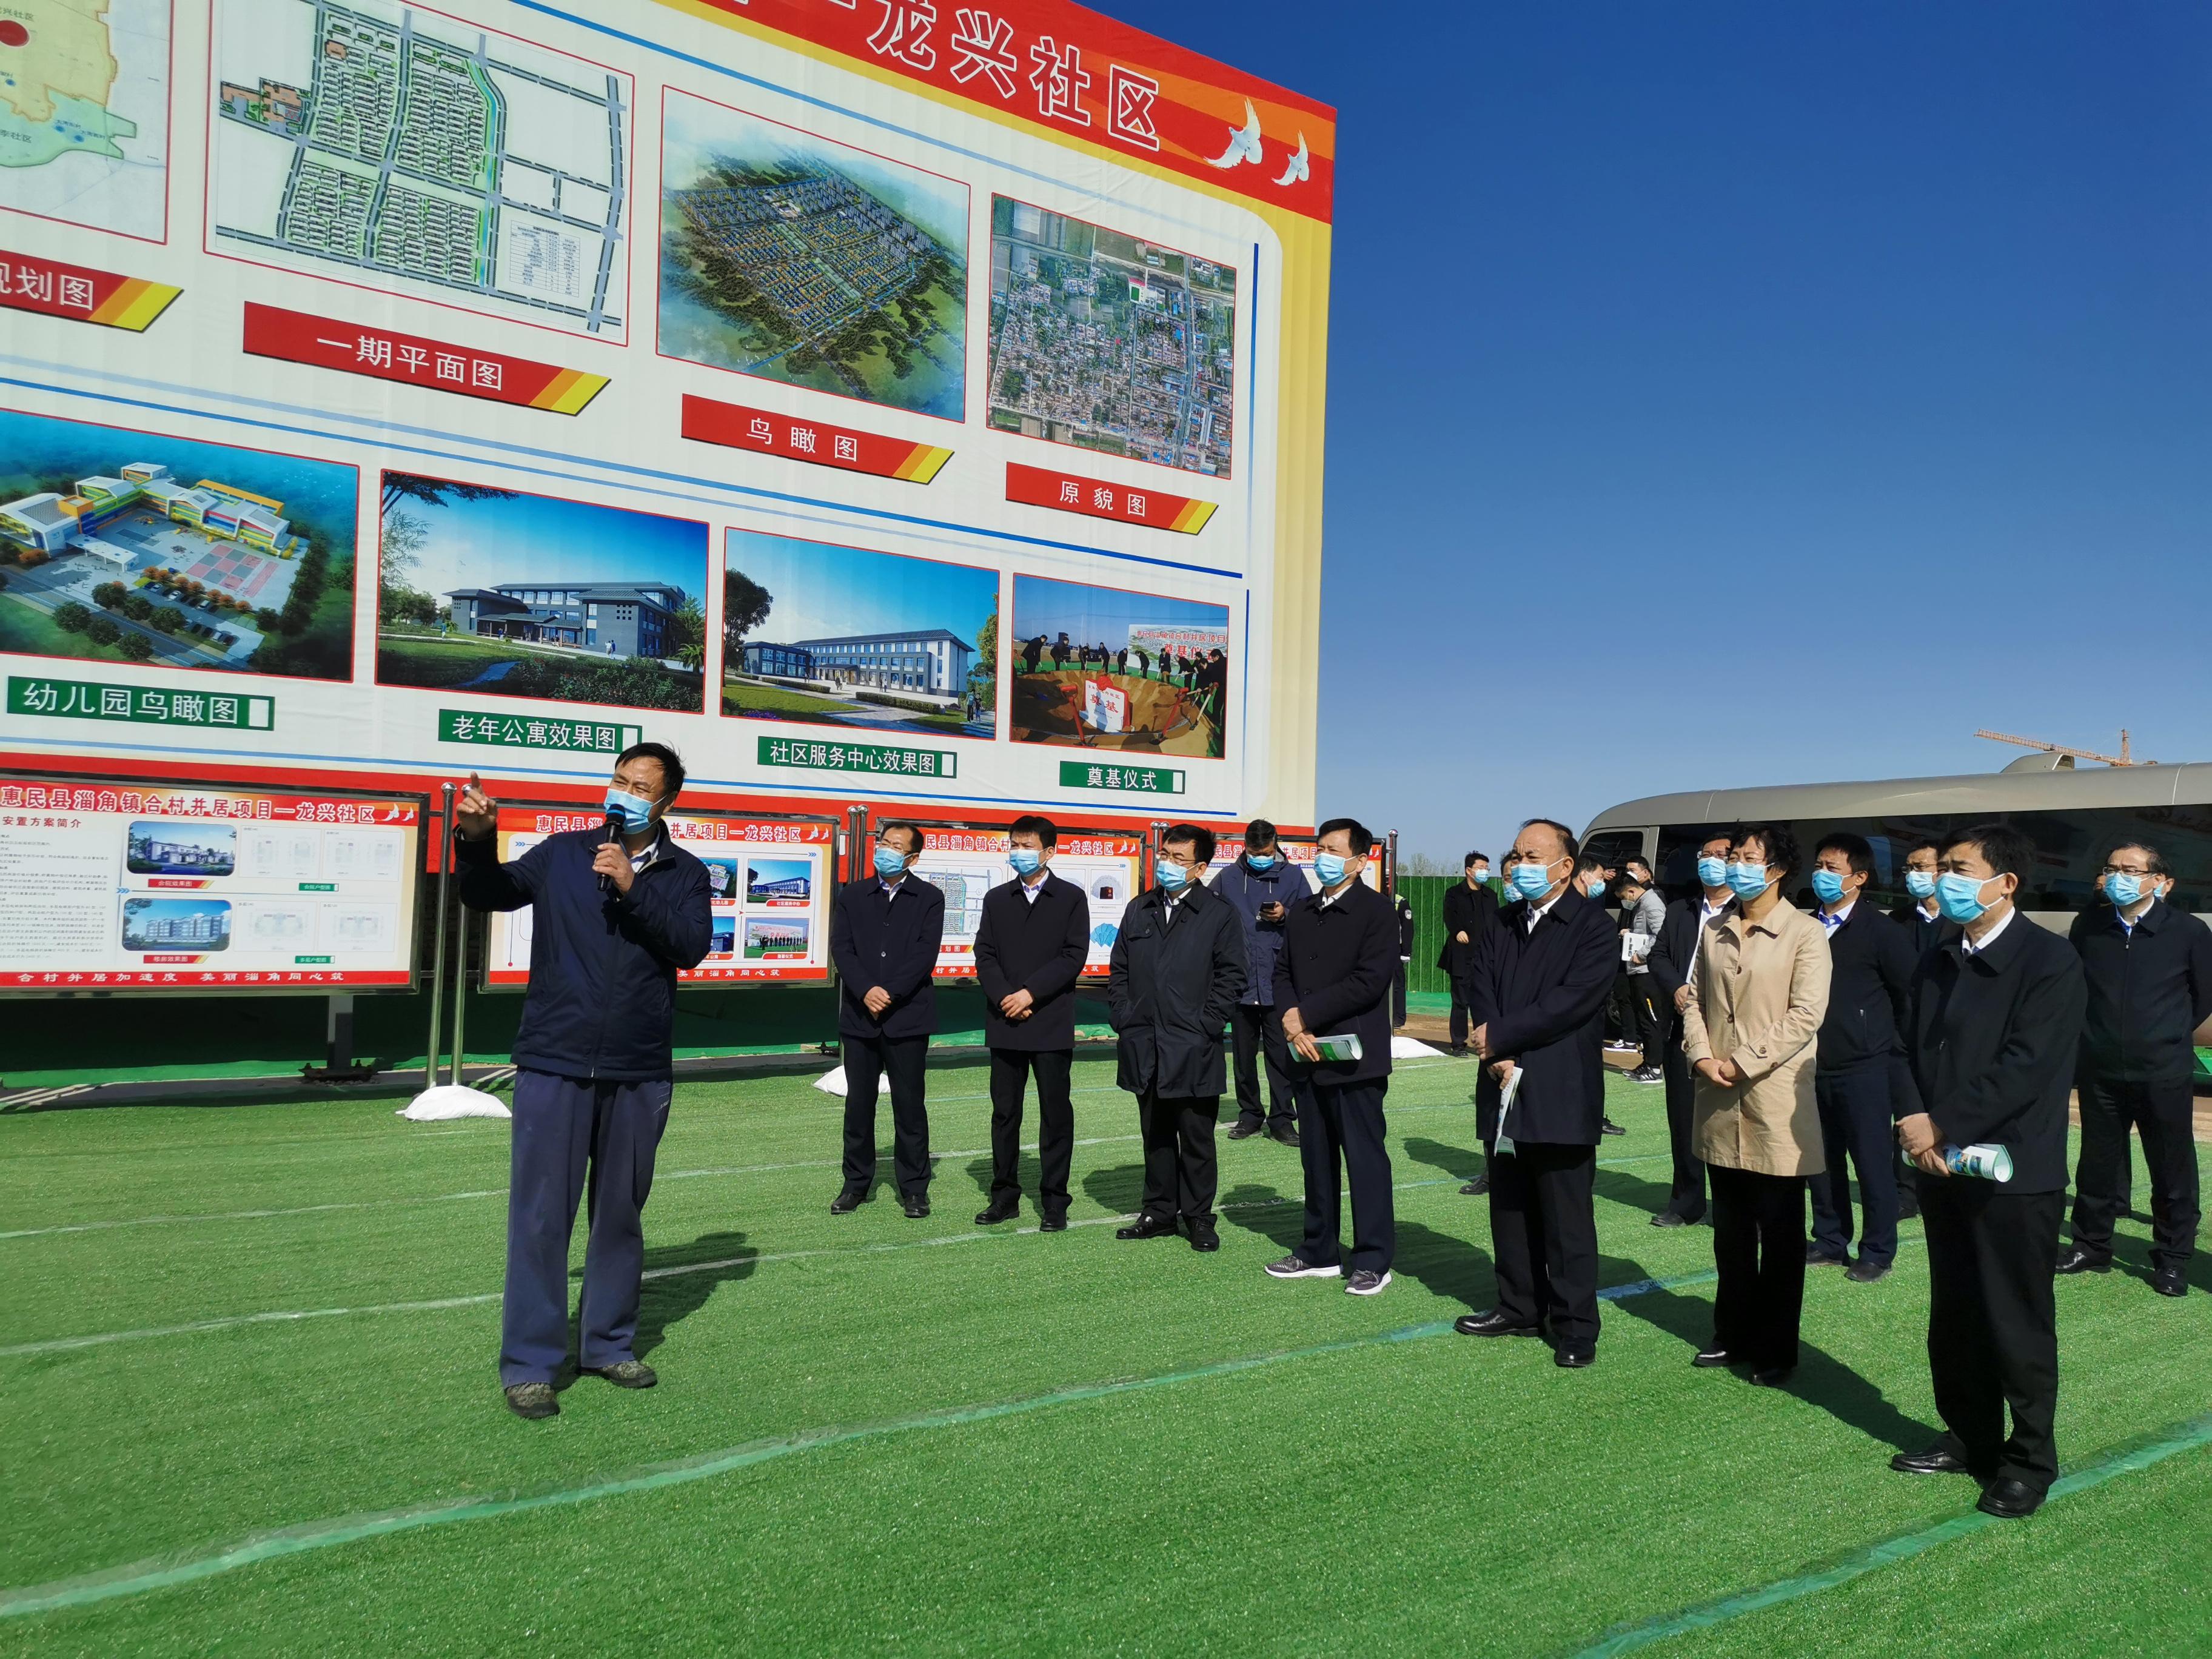 """滨州""""高快细美实""""抓城乡建设 主城区塑造四大核心景观节点"""